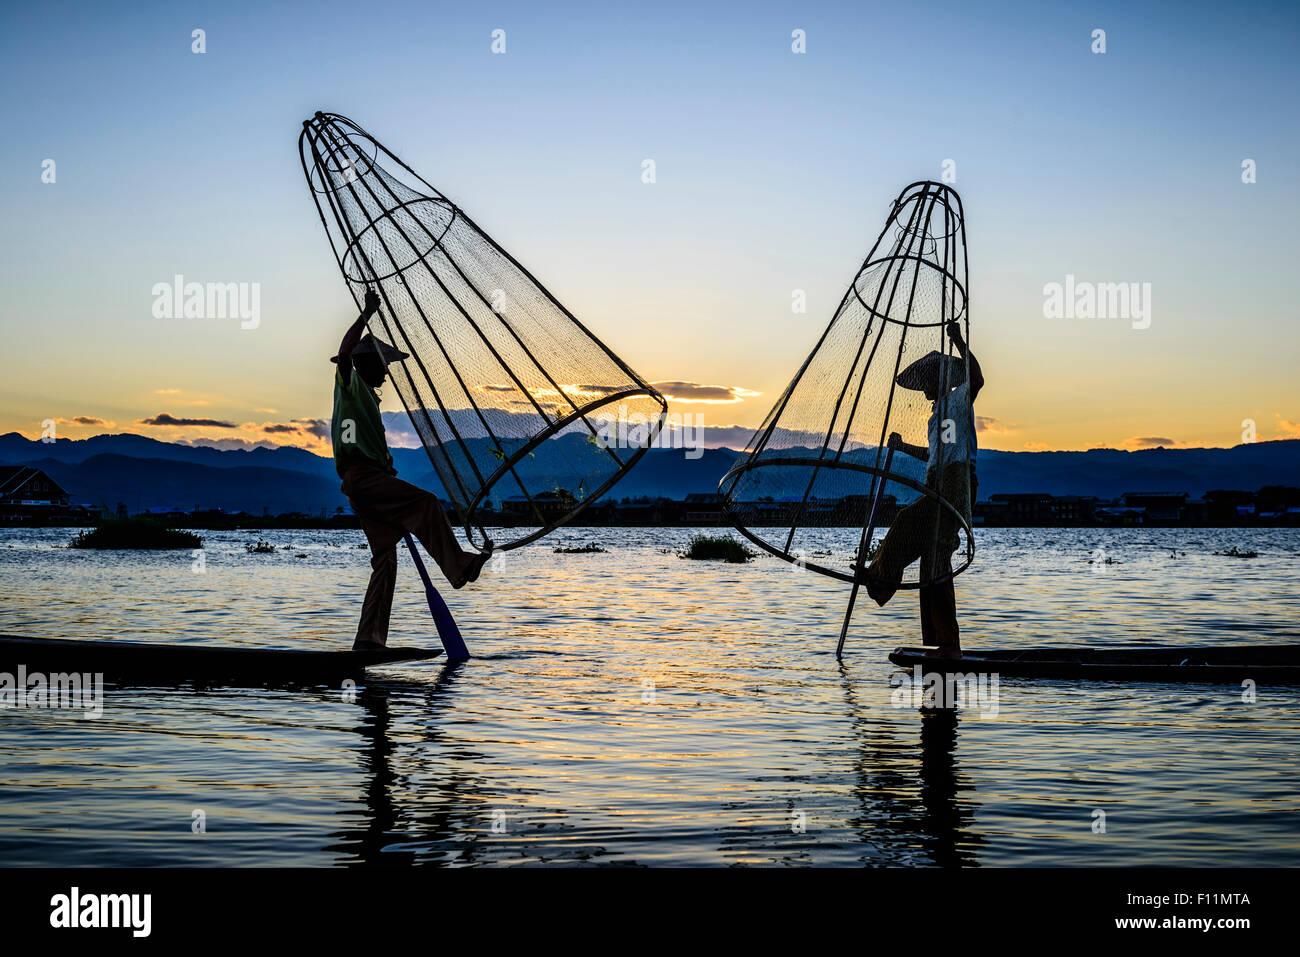 Les pêcheurs asiatiques en utilisant des filets de pêche en canoë sur la rivière Photo Stock